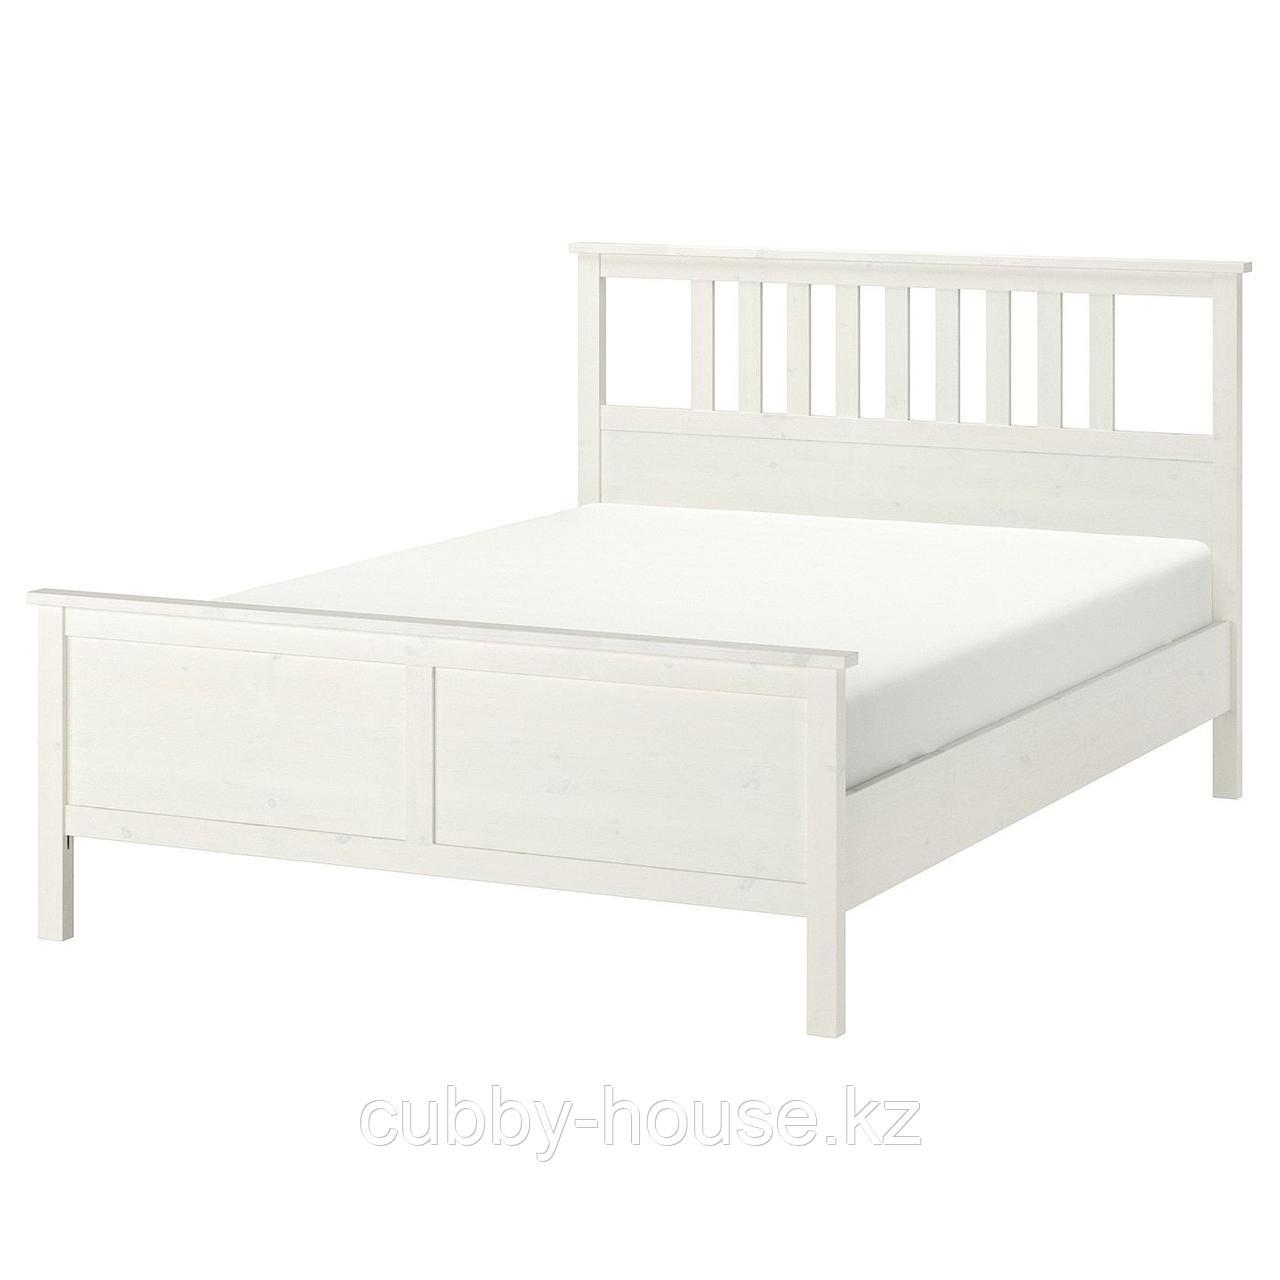 ХЕМНЭС Каркас кровати, белая морилка, 160x200 см